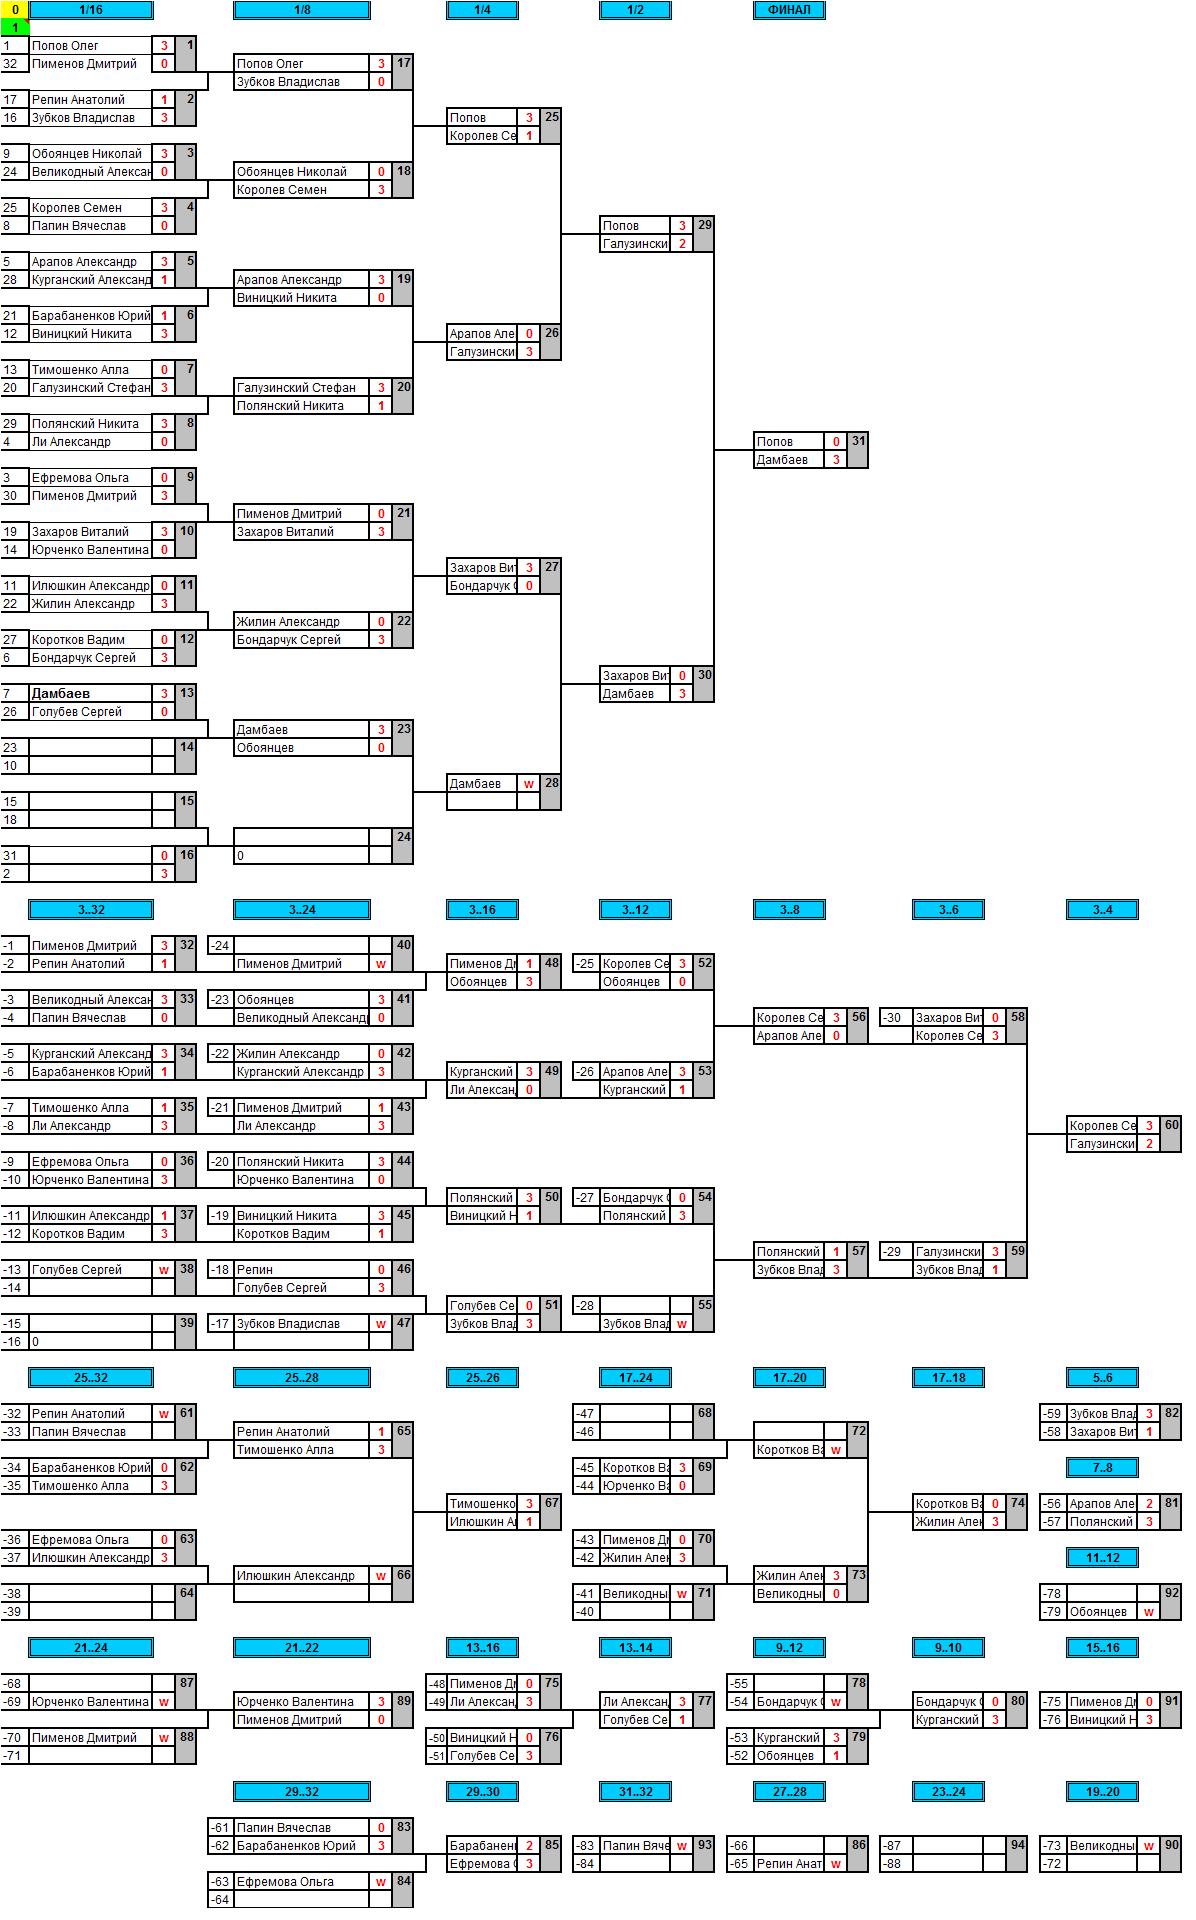 результаты турнира Хардбат